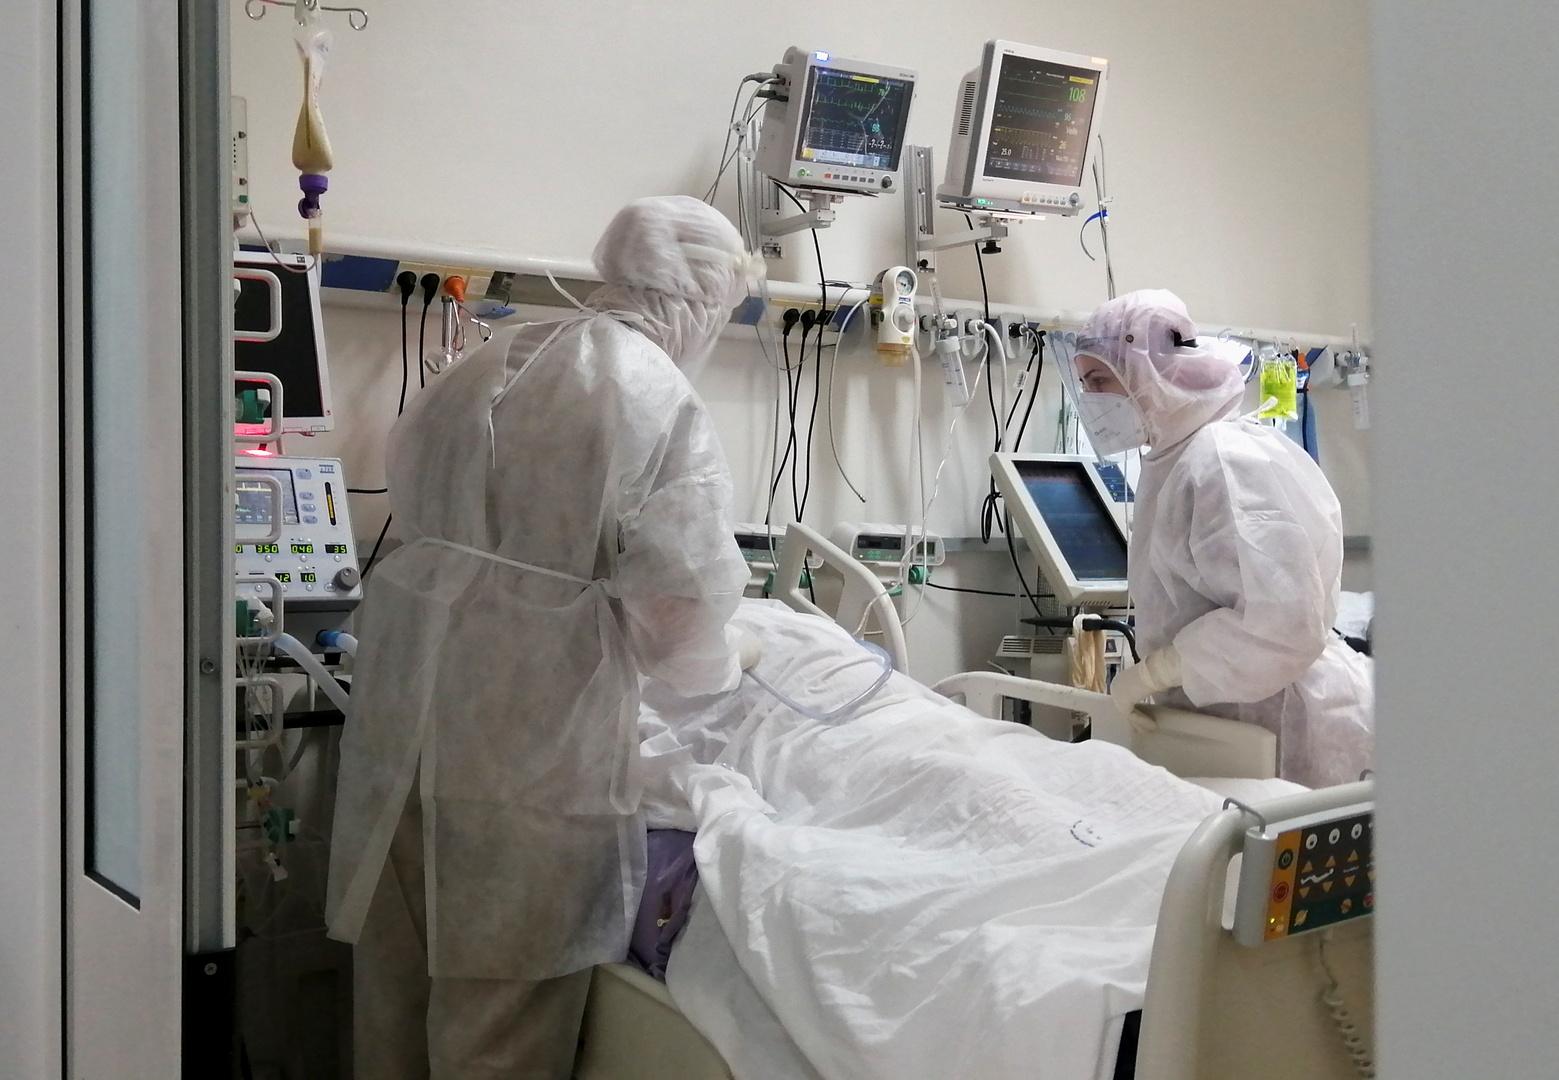 الولايات المتحدة تسلم تونس مليون لتر من الأكسجين لمكافحة تفشي وباء كورونا